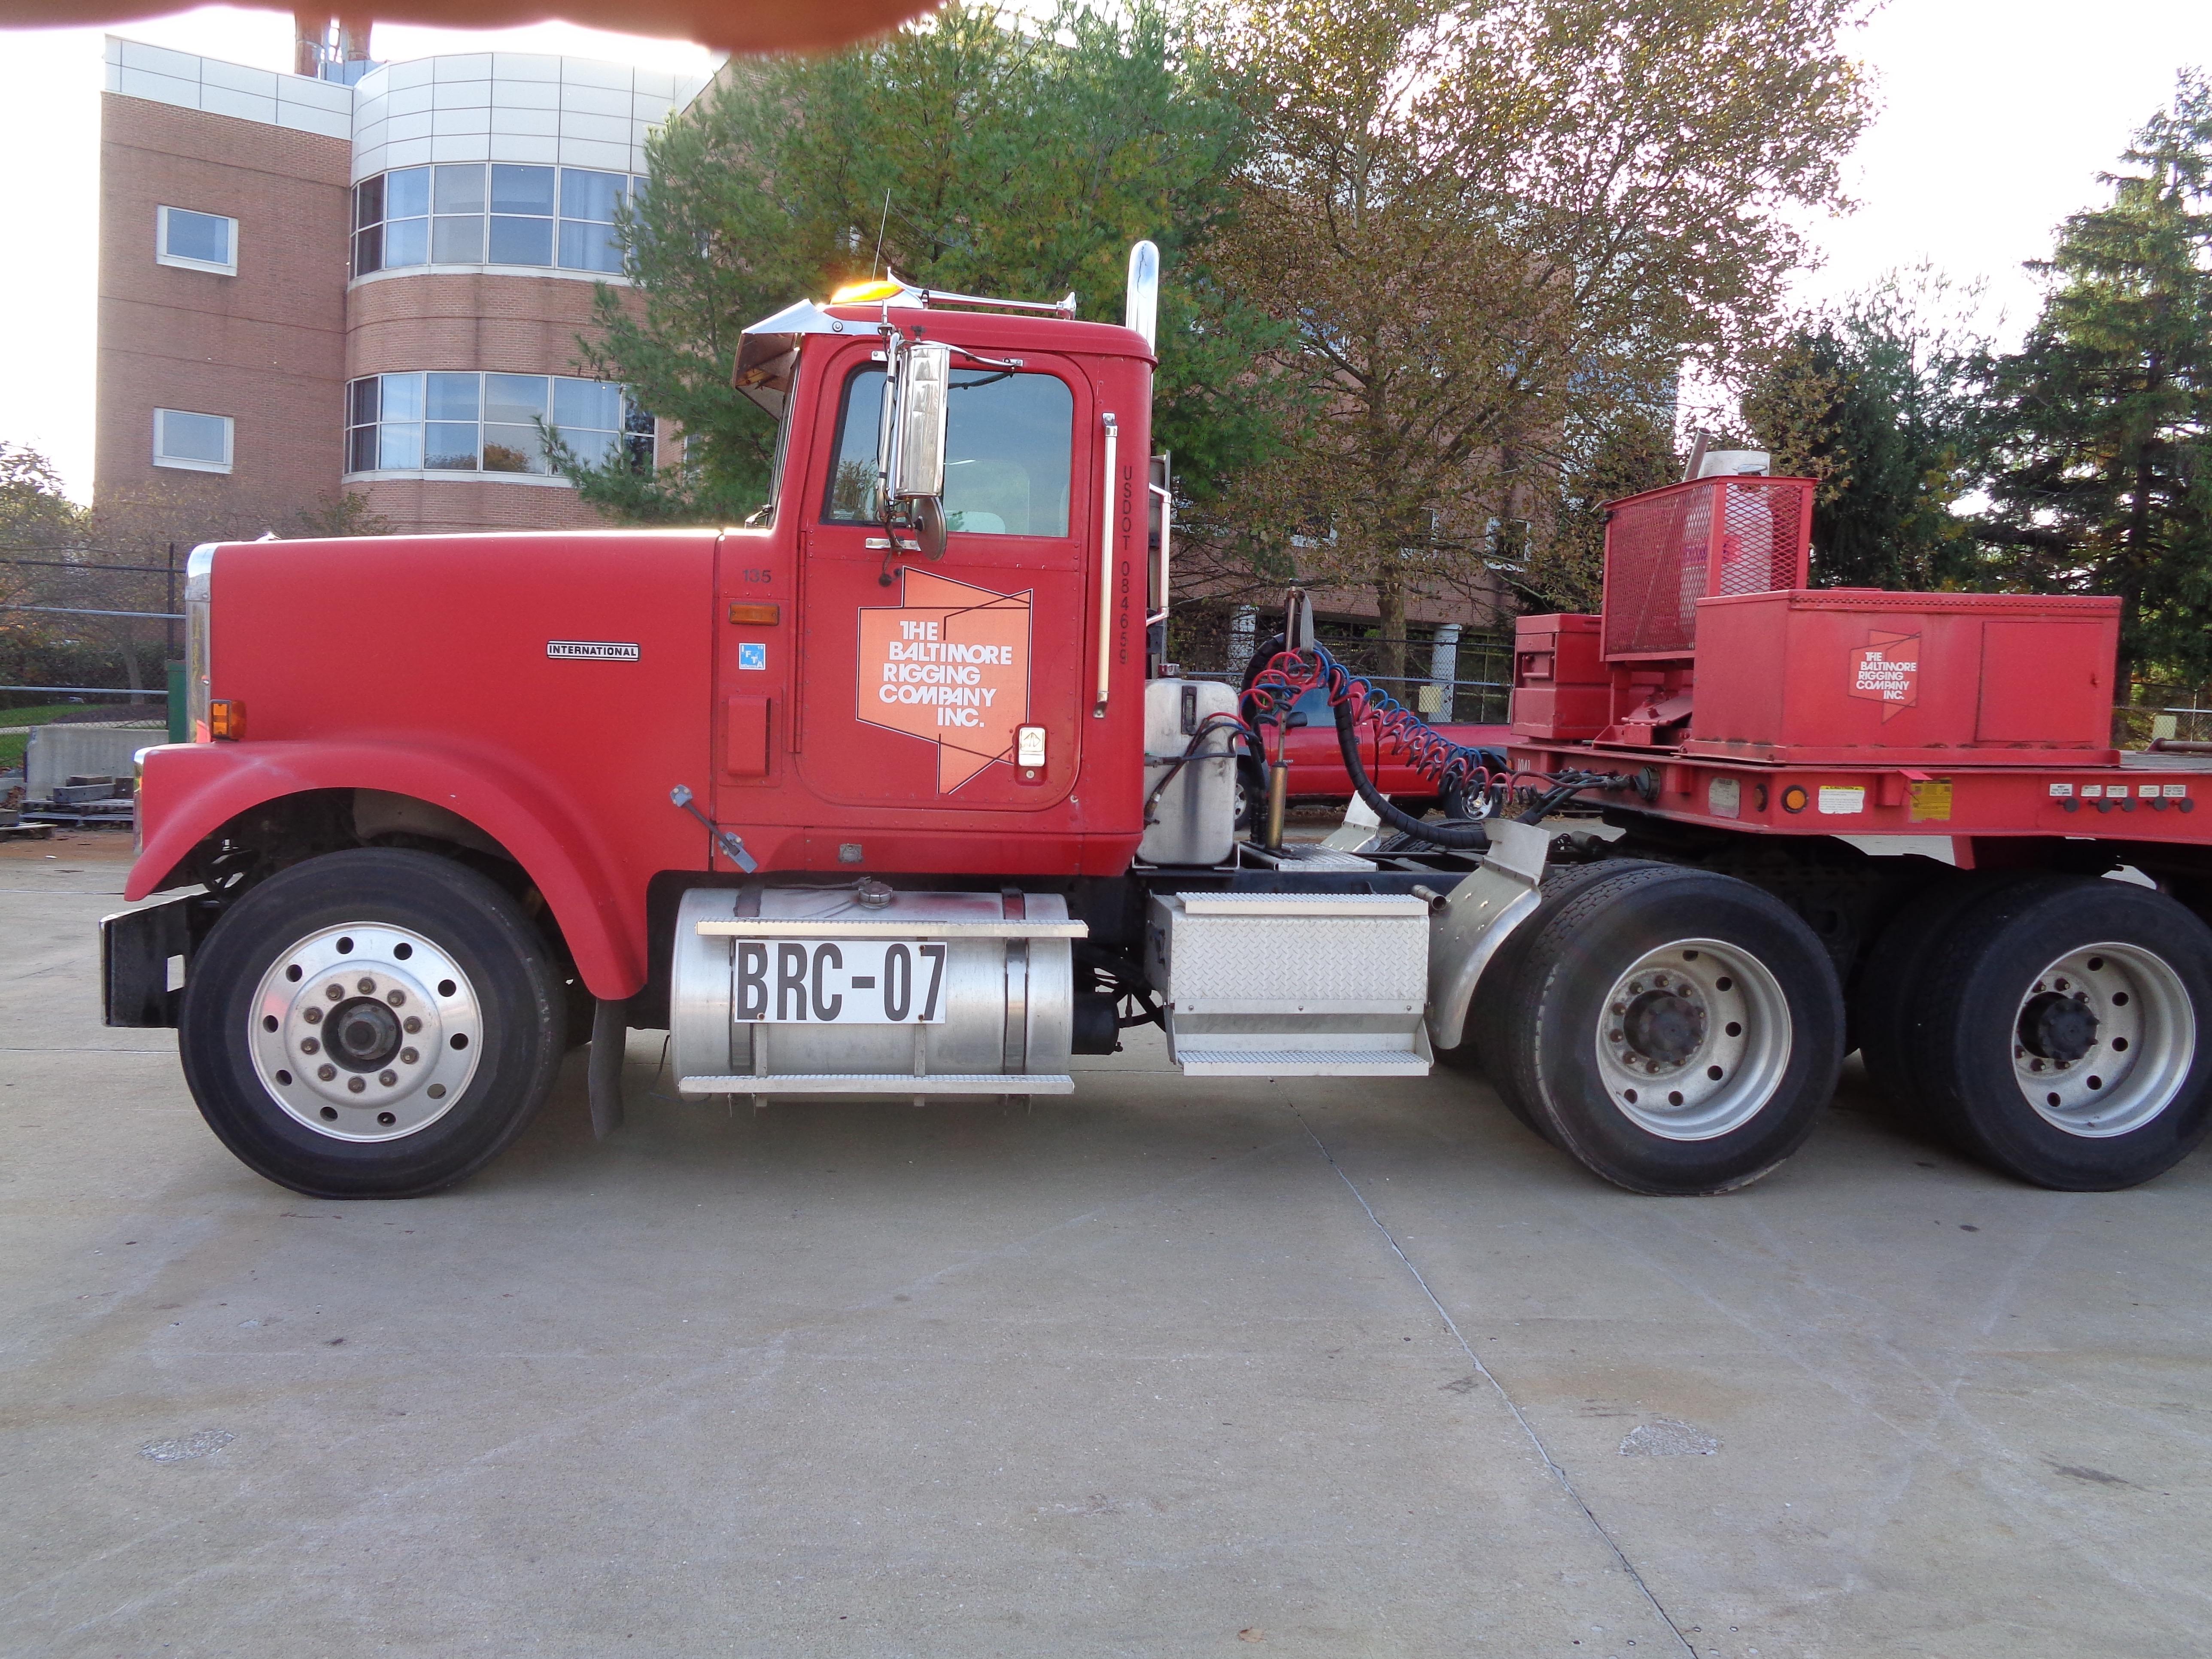 1999 International 9300 Diesel Tandem - Image 3 of 7